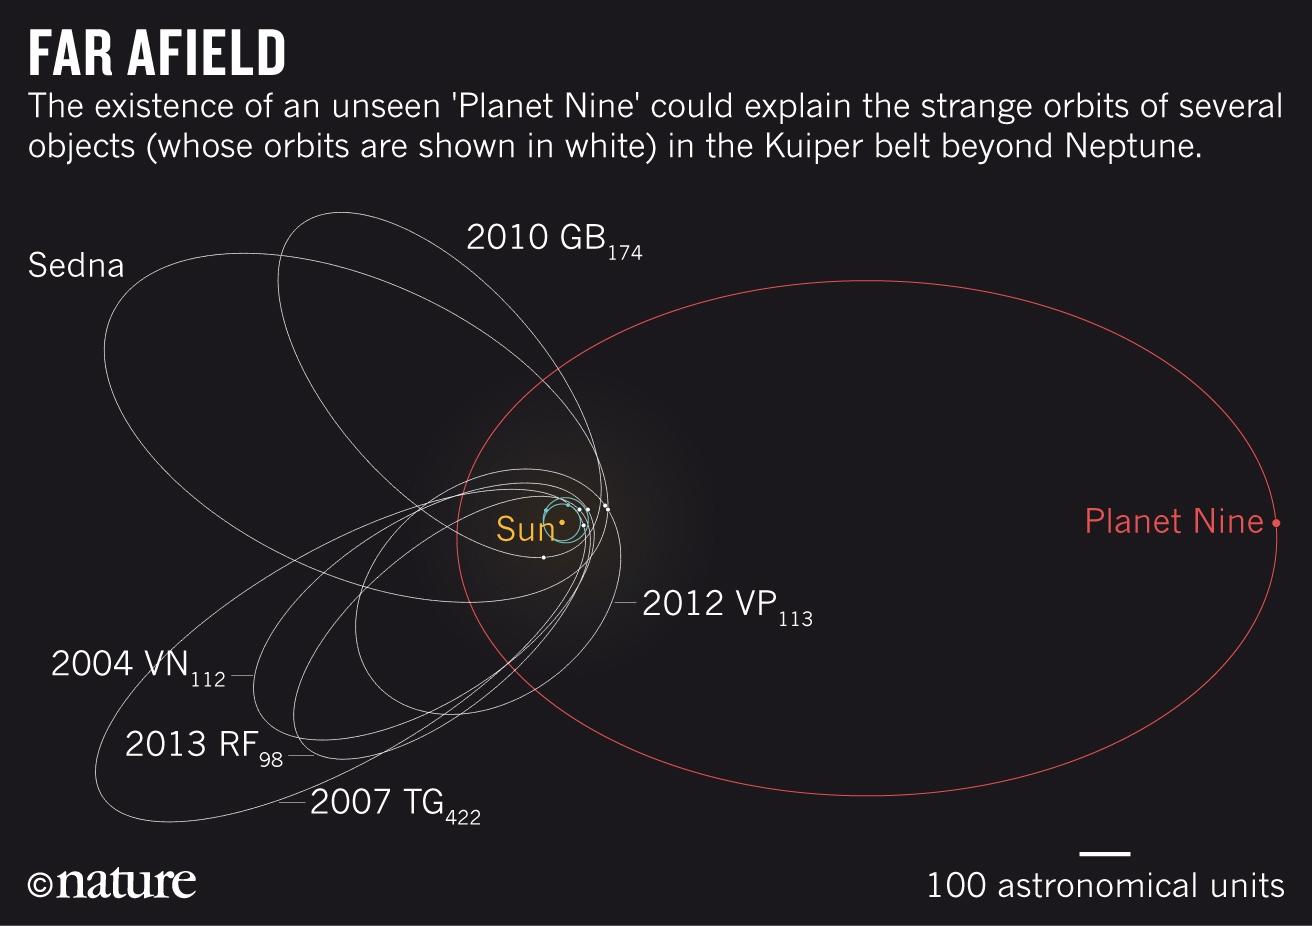 Орбиты известных нам трансплутоновых объектов ипредполагаемая орбита Девятой планеты Солнечной системы.